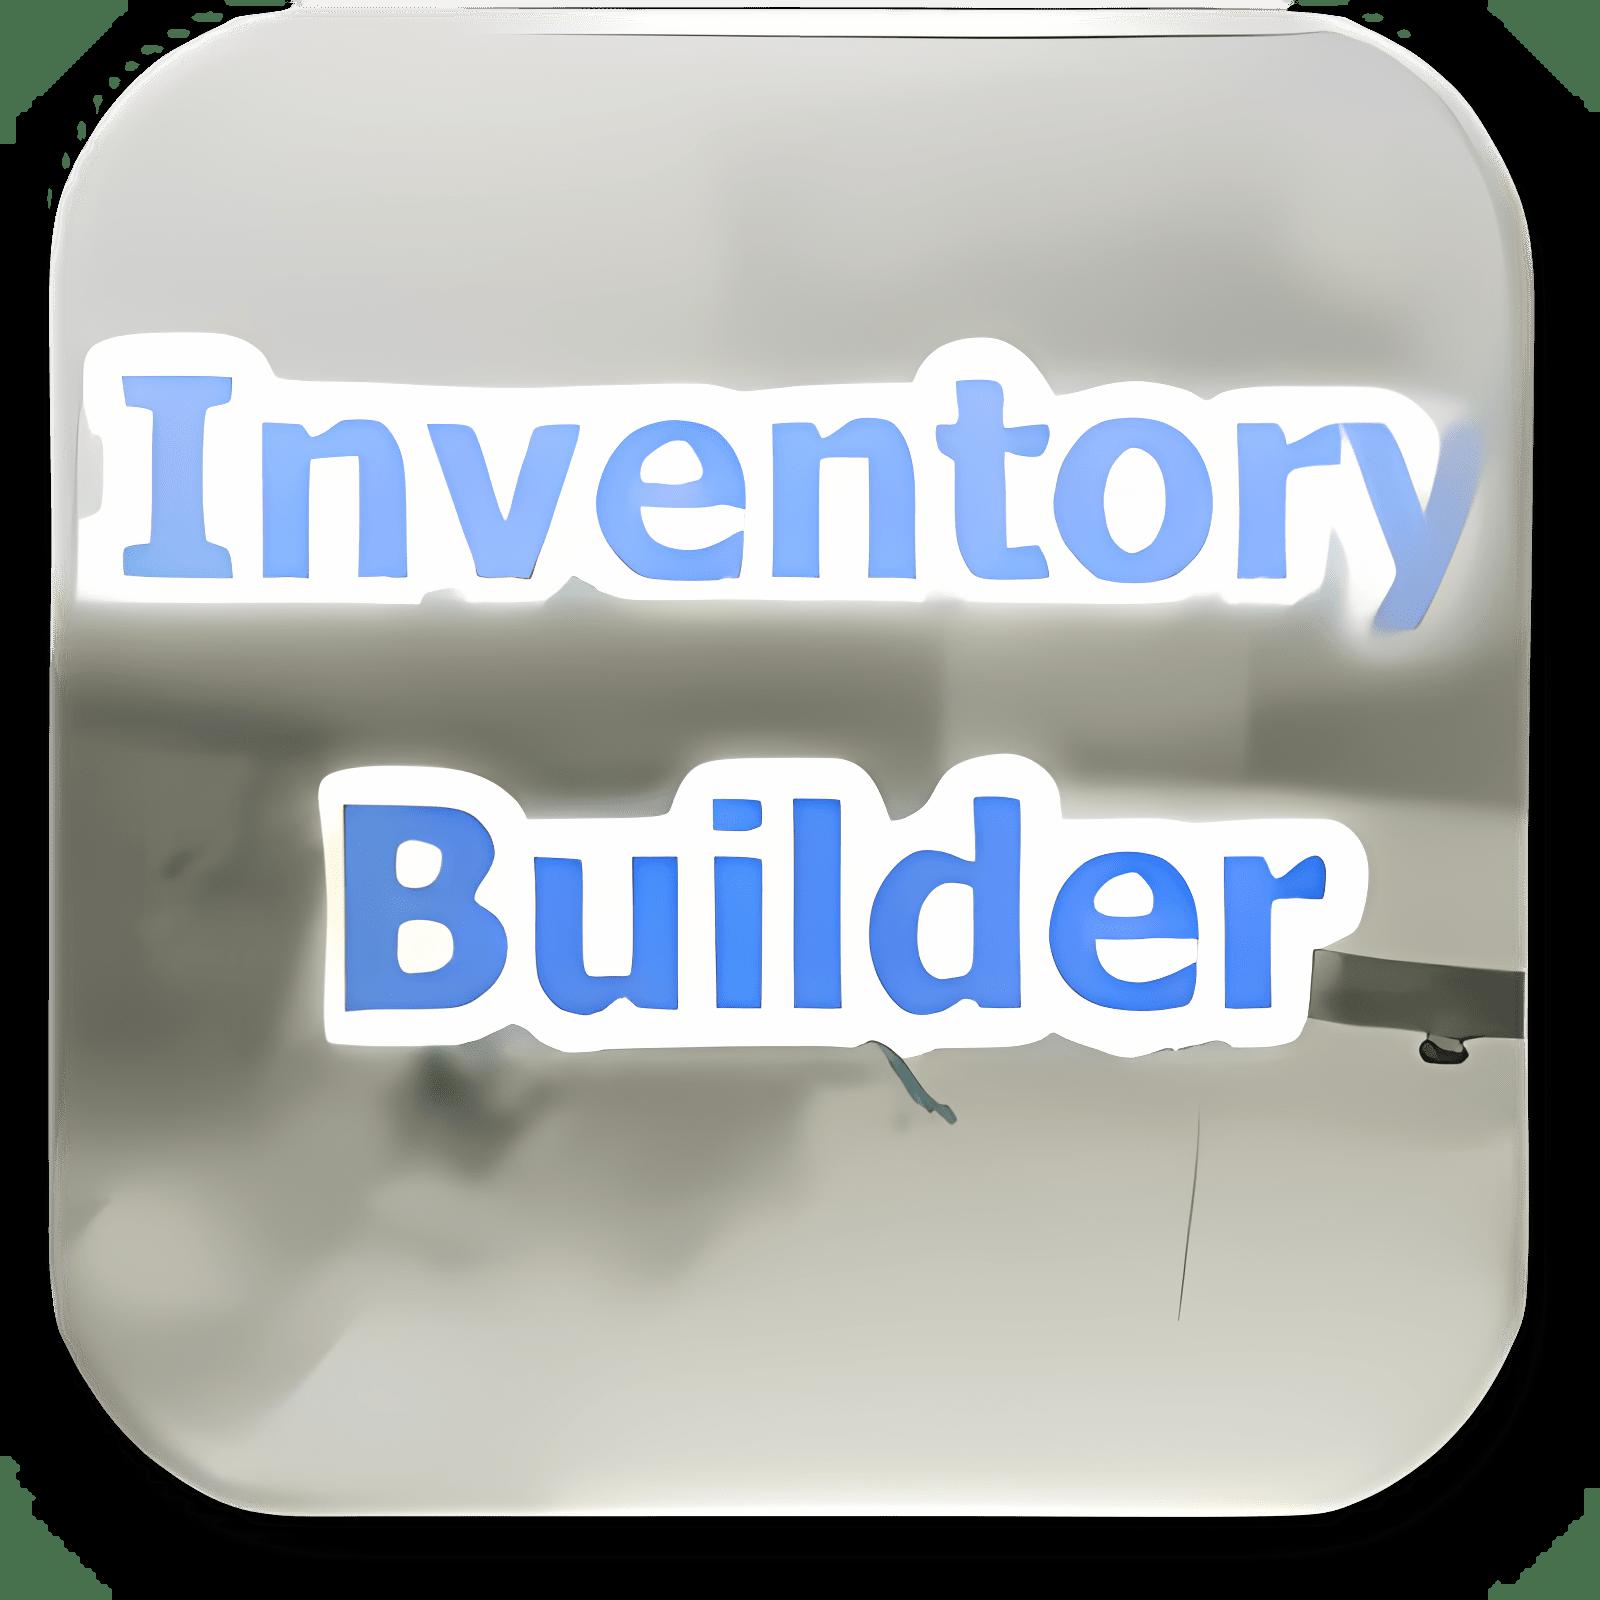 InventoryBuilder